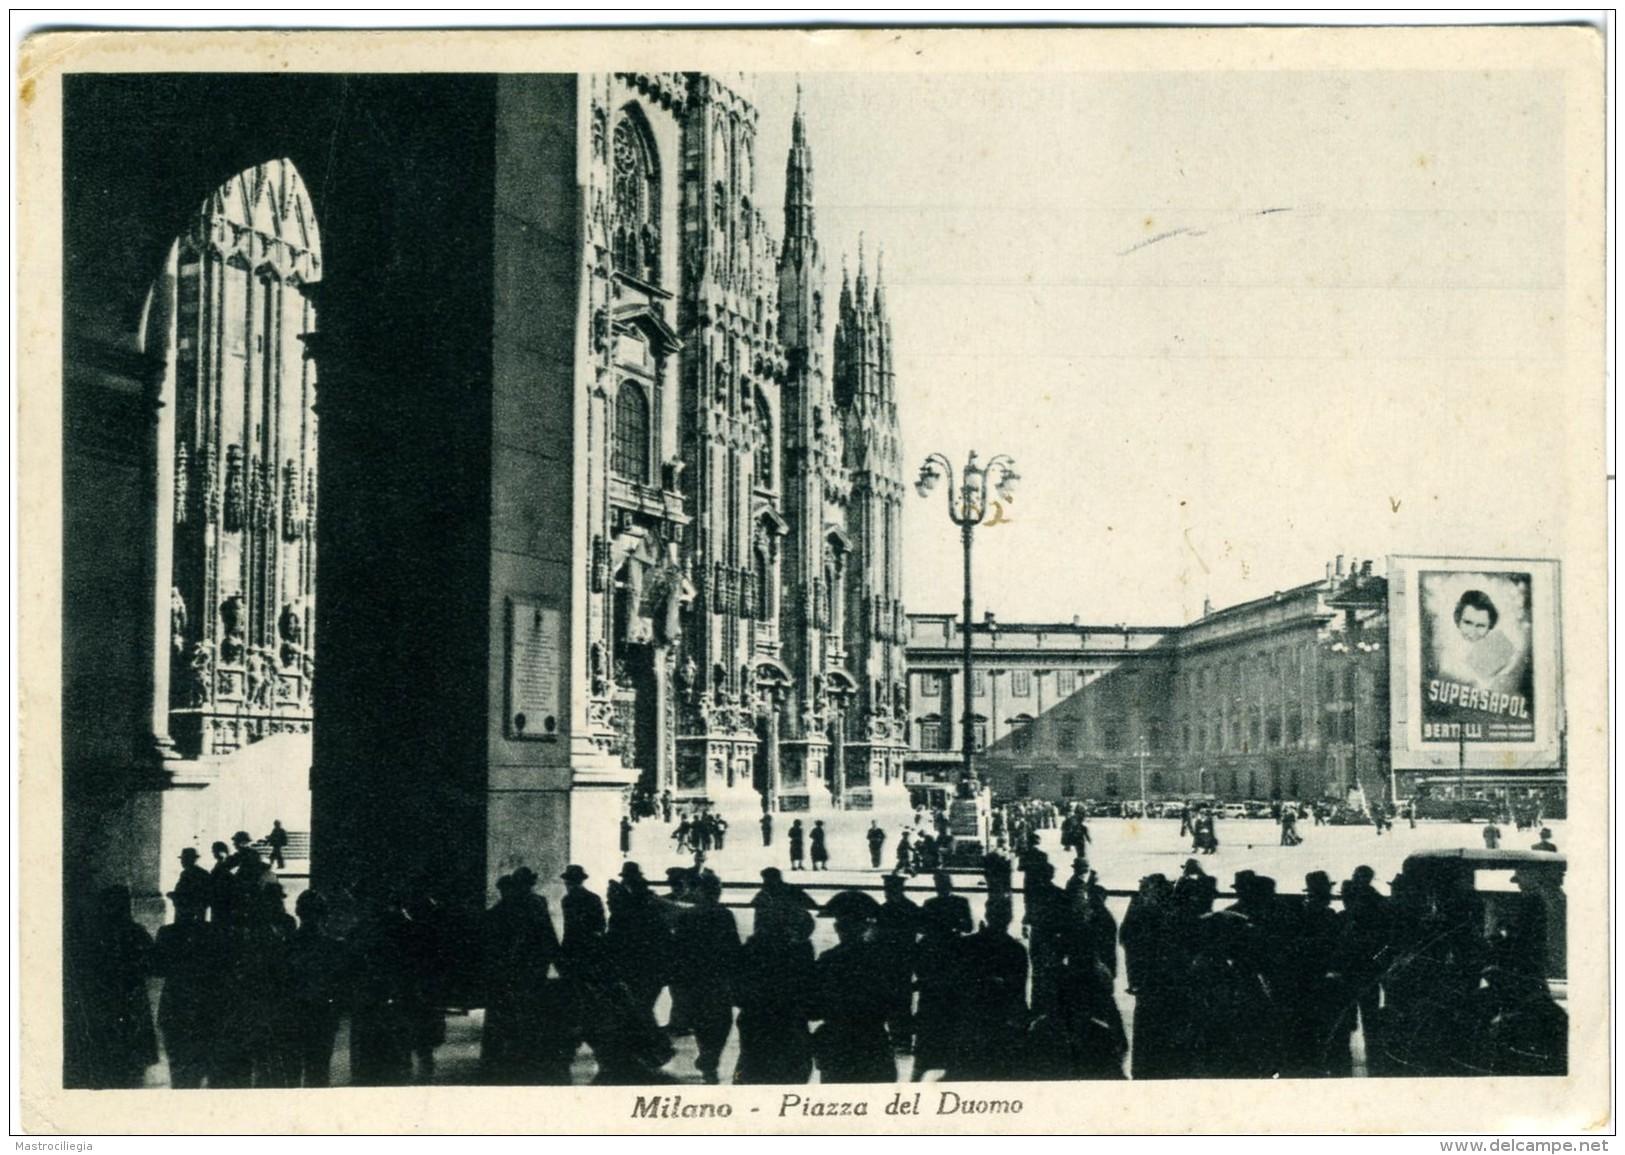 MILANO  Piazza Duomo Con Carabinieri   Pubblicità Supersapol Bertelli - Milano (Milan)